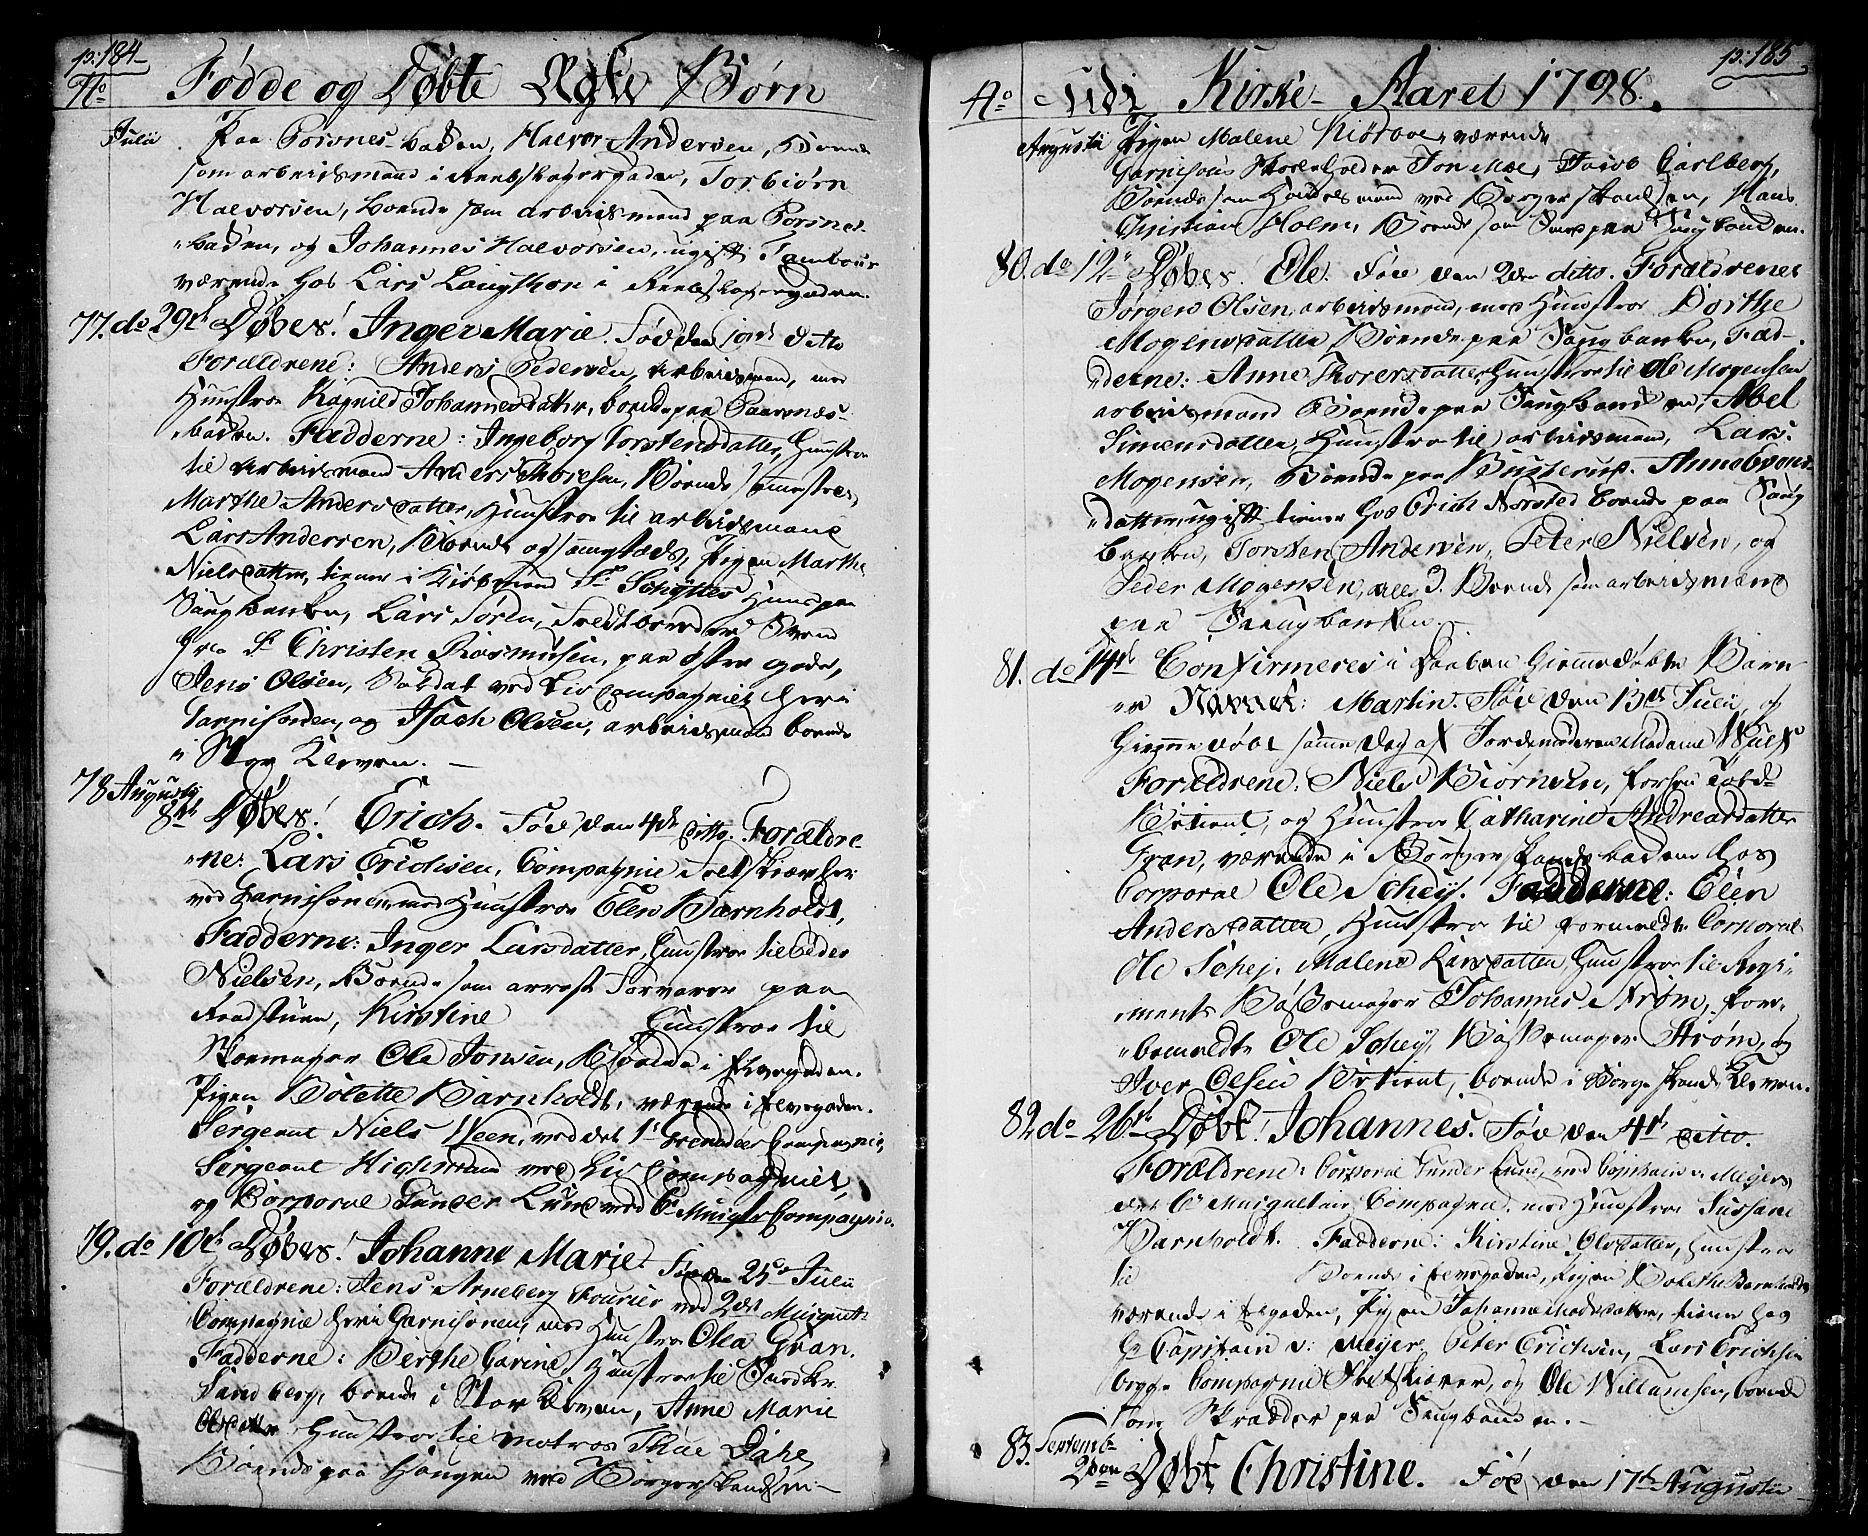 SAO, Halden prestekontor Kirkebøker, F/Fa/L0002: Ministerialbok nr. I 2, 1792-1812, s. 184-185